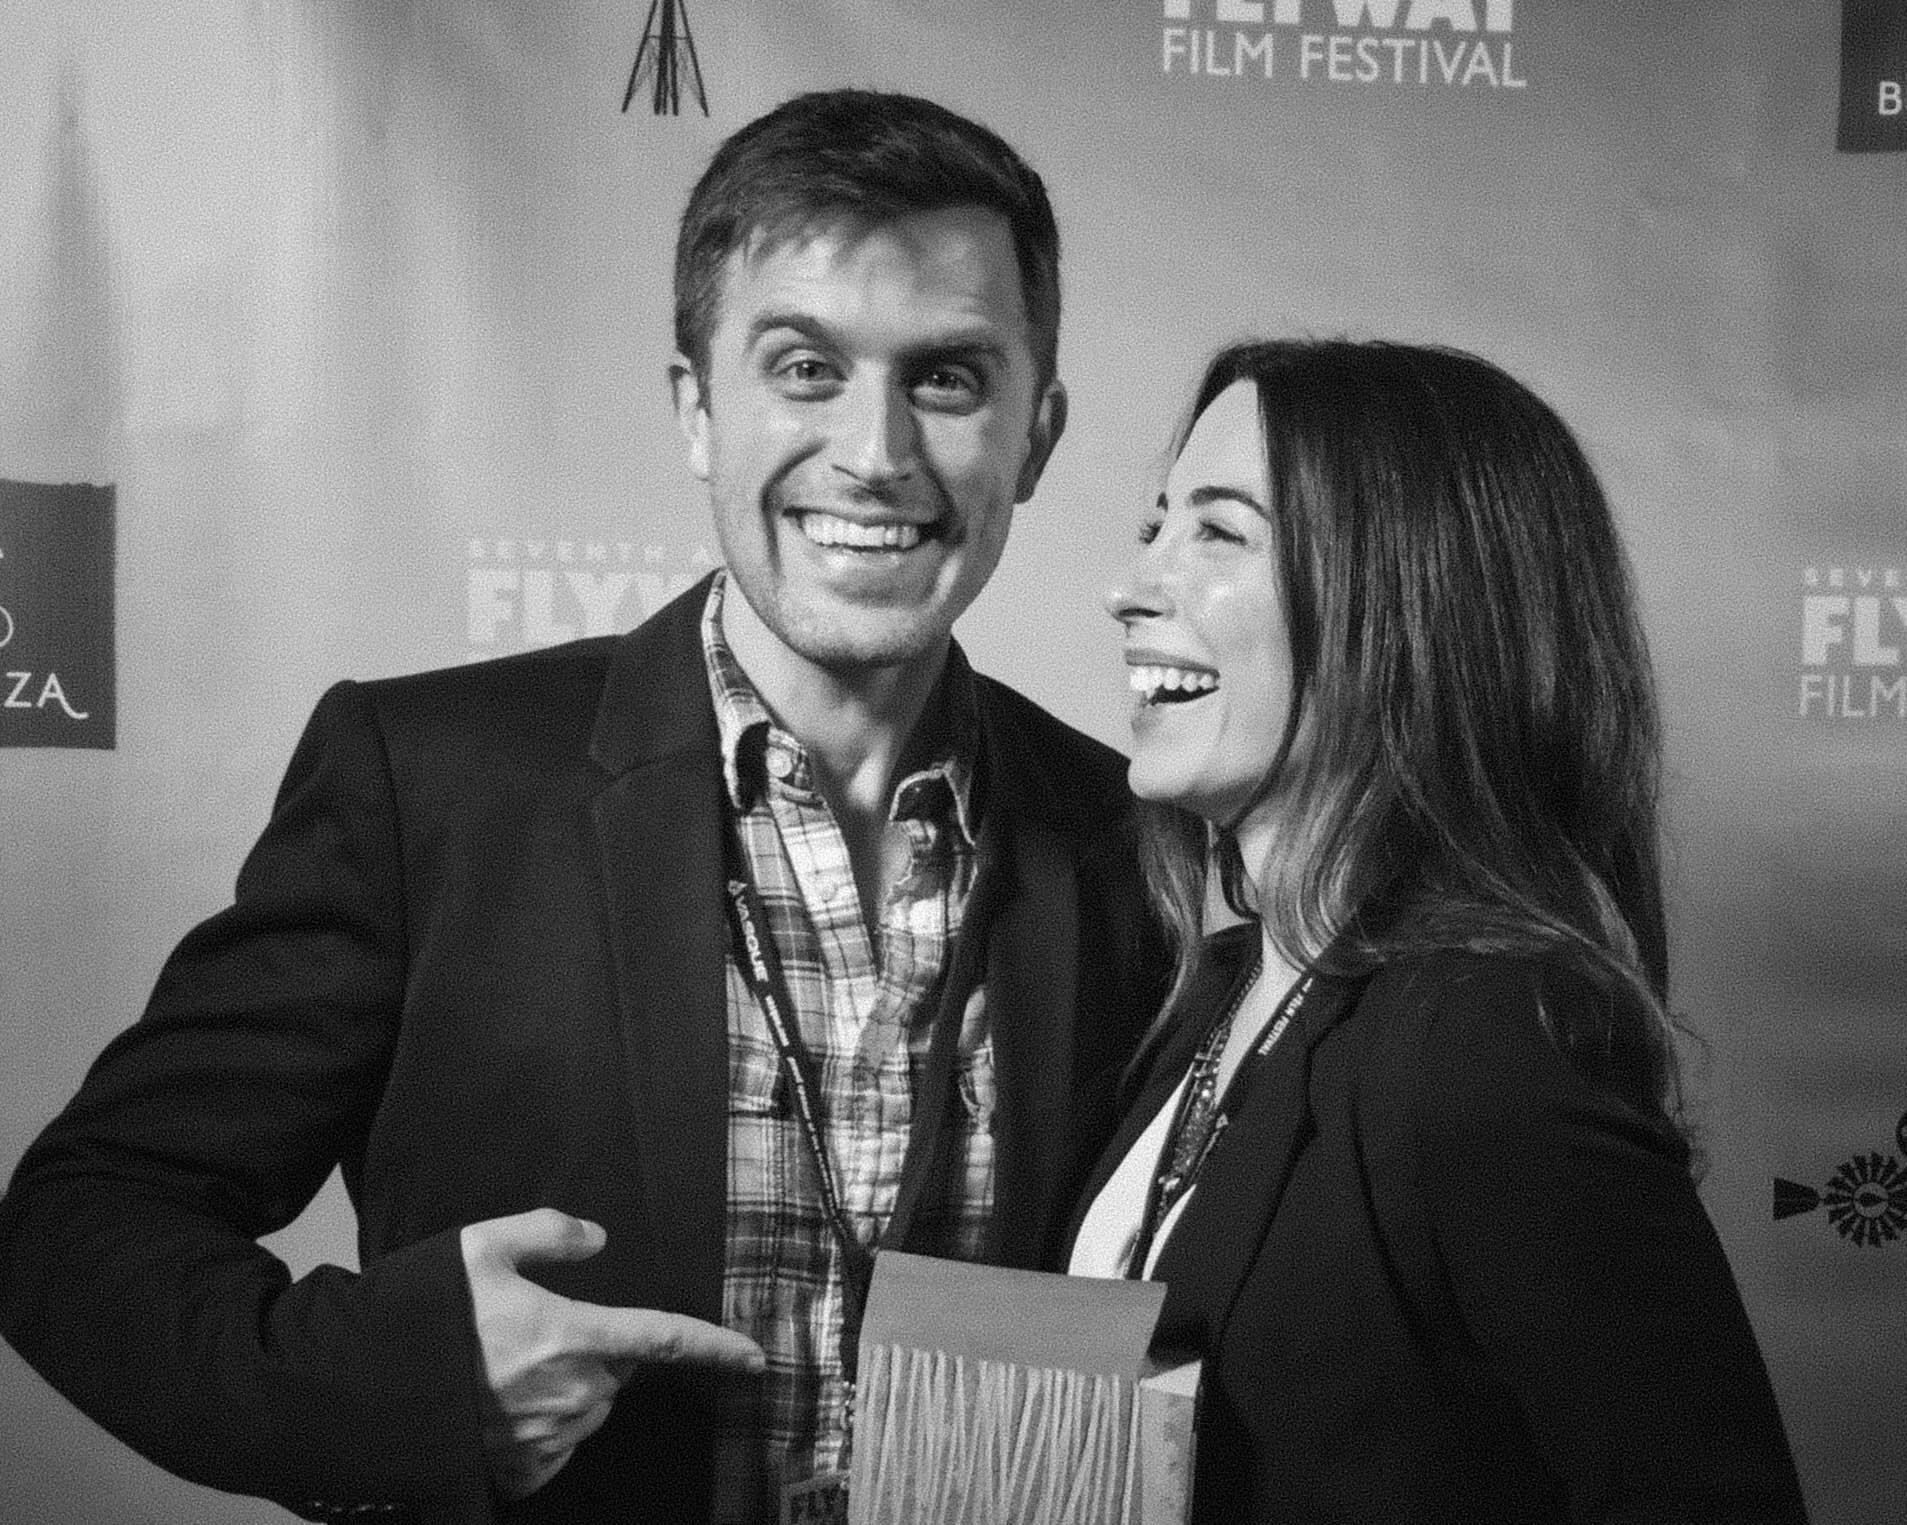 Nick Coleman - Award Winning Filmmaker